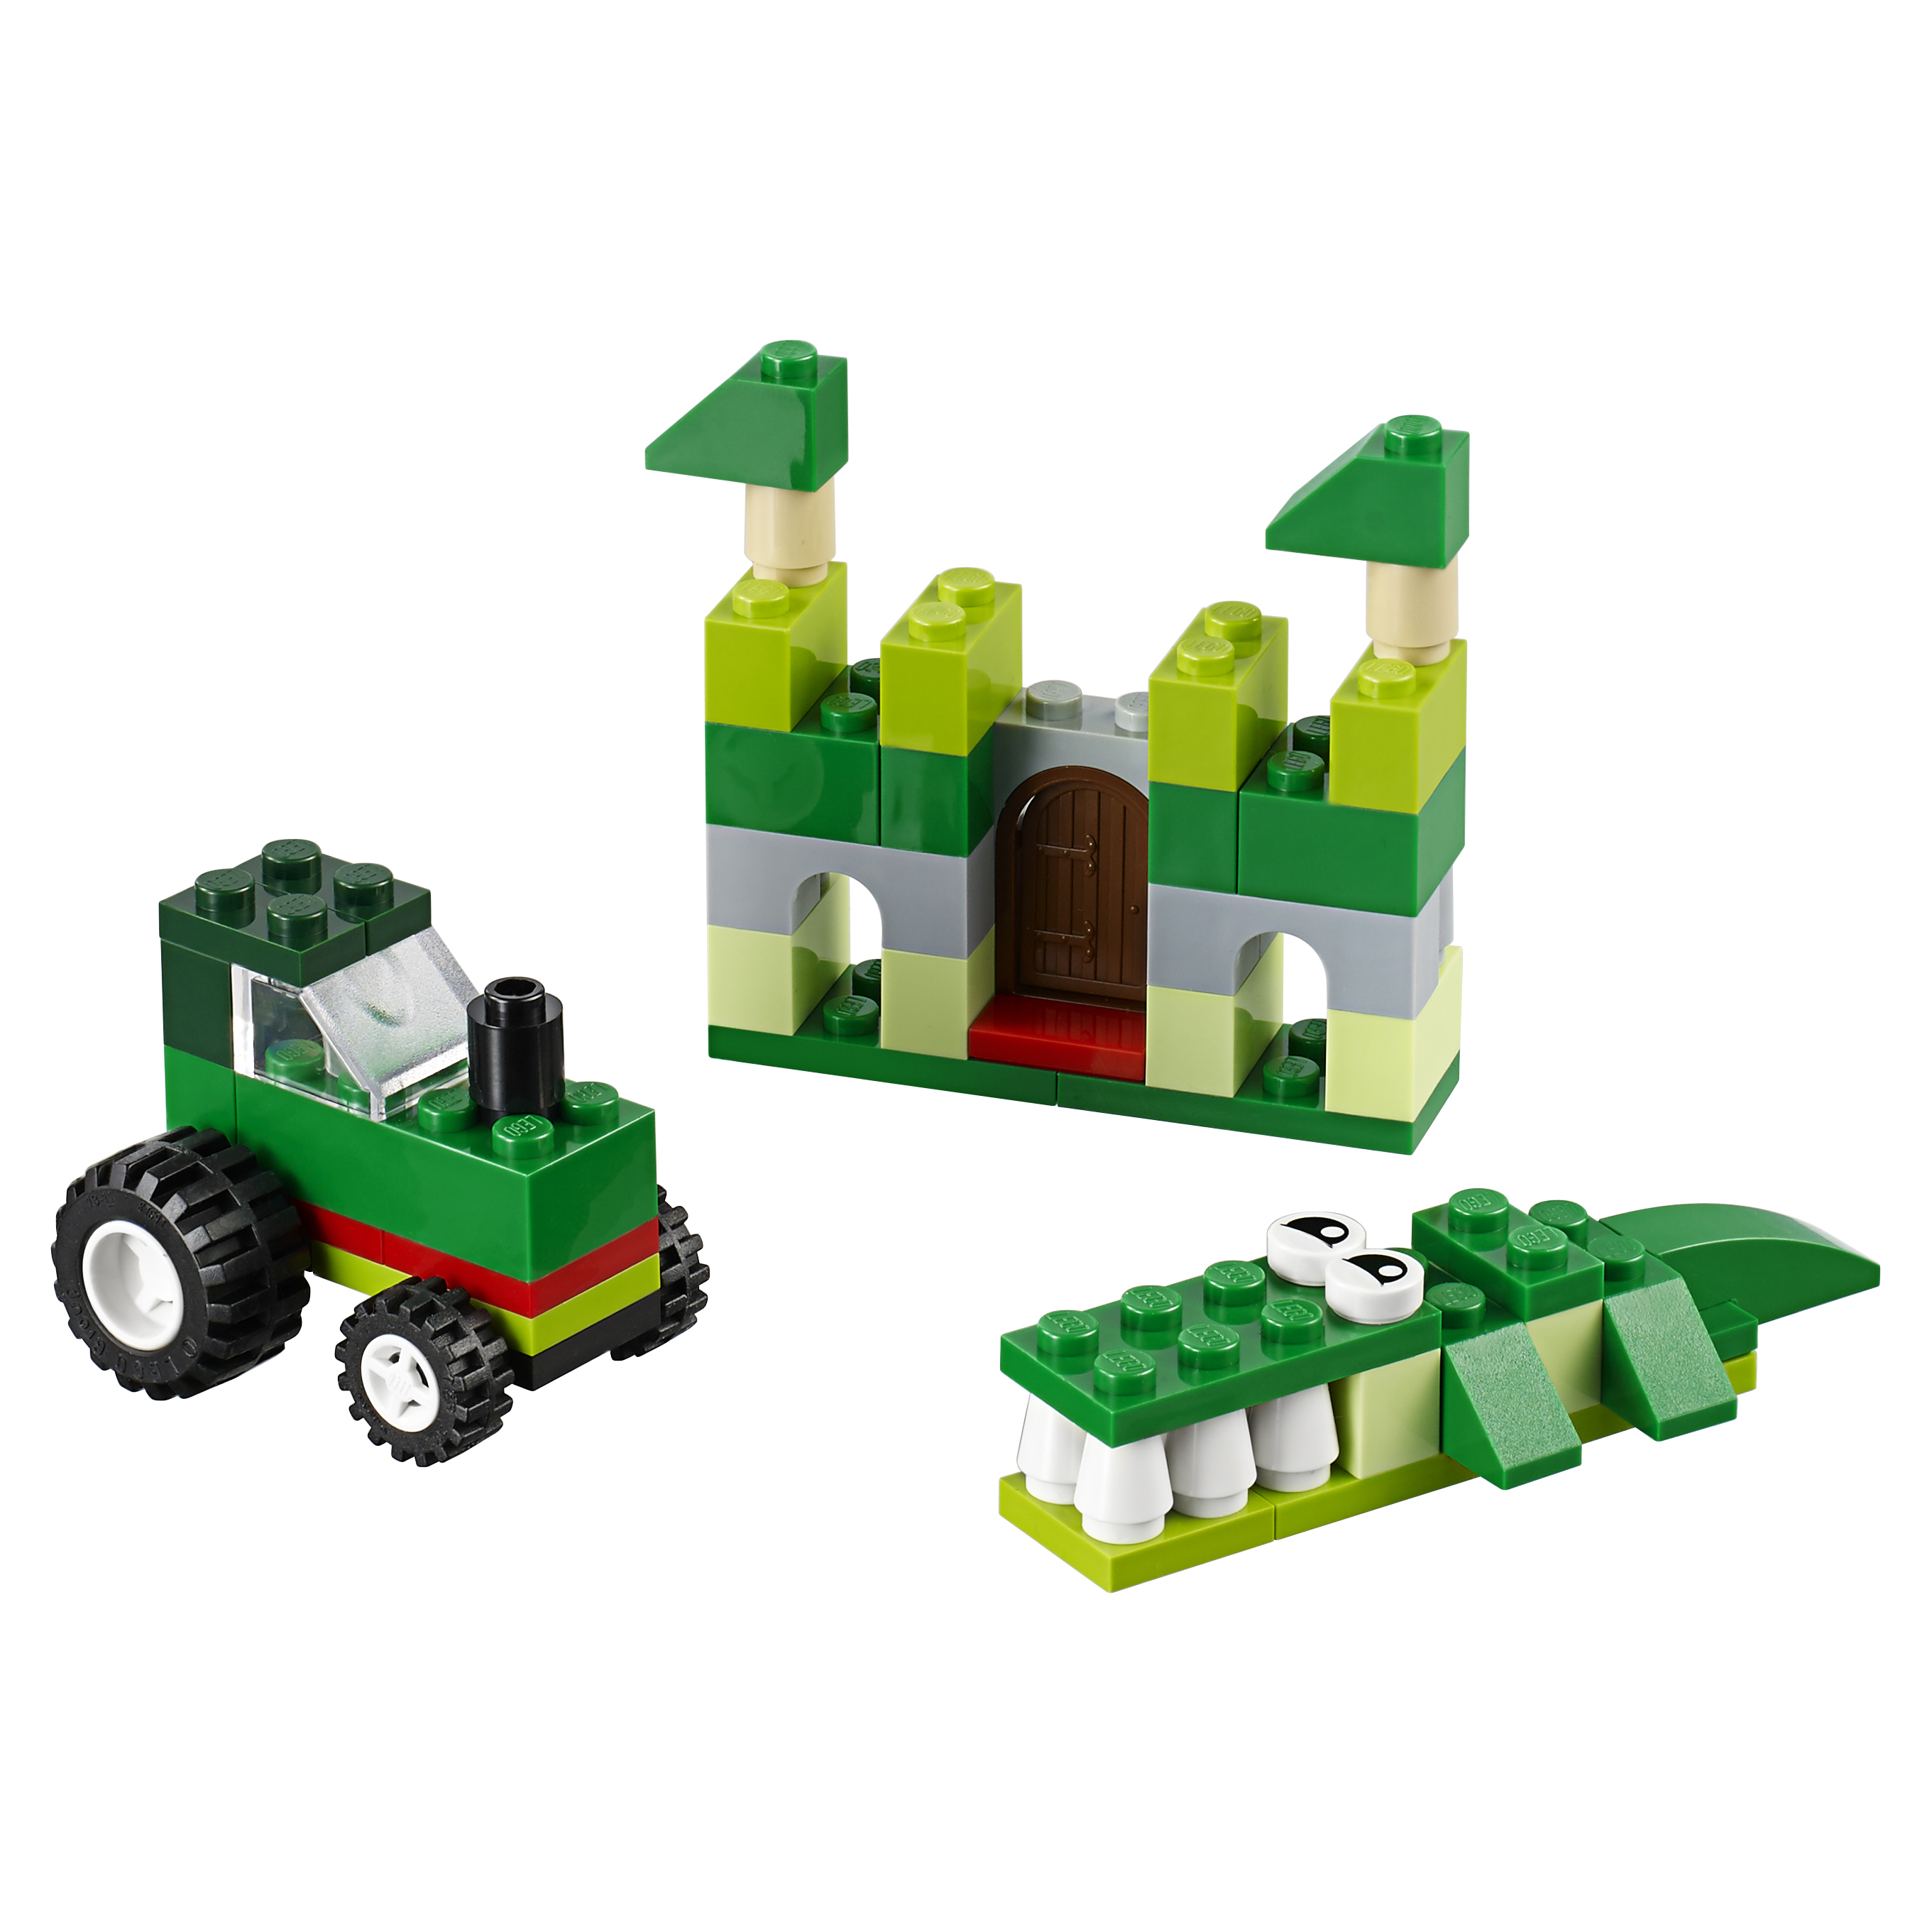 Конструктор LEGO Classic Зелёный набор для творчества (10708)